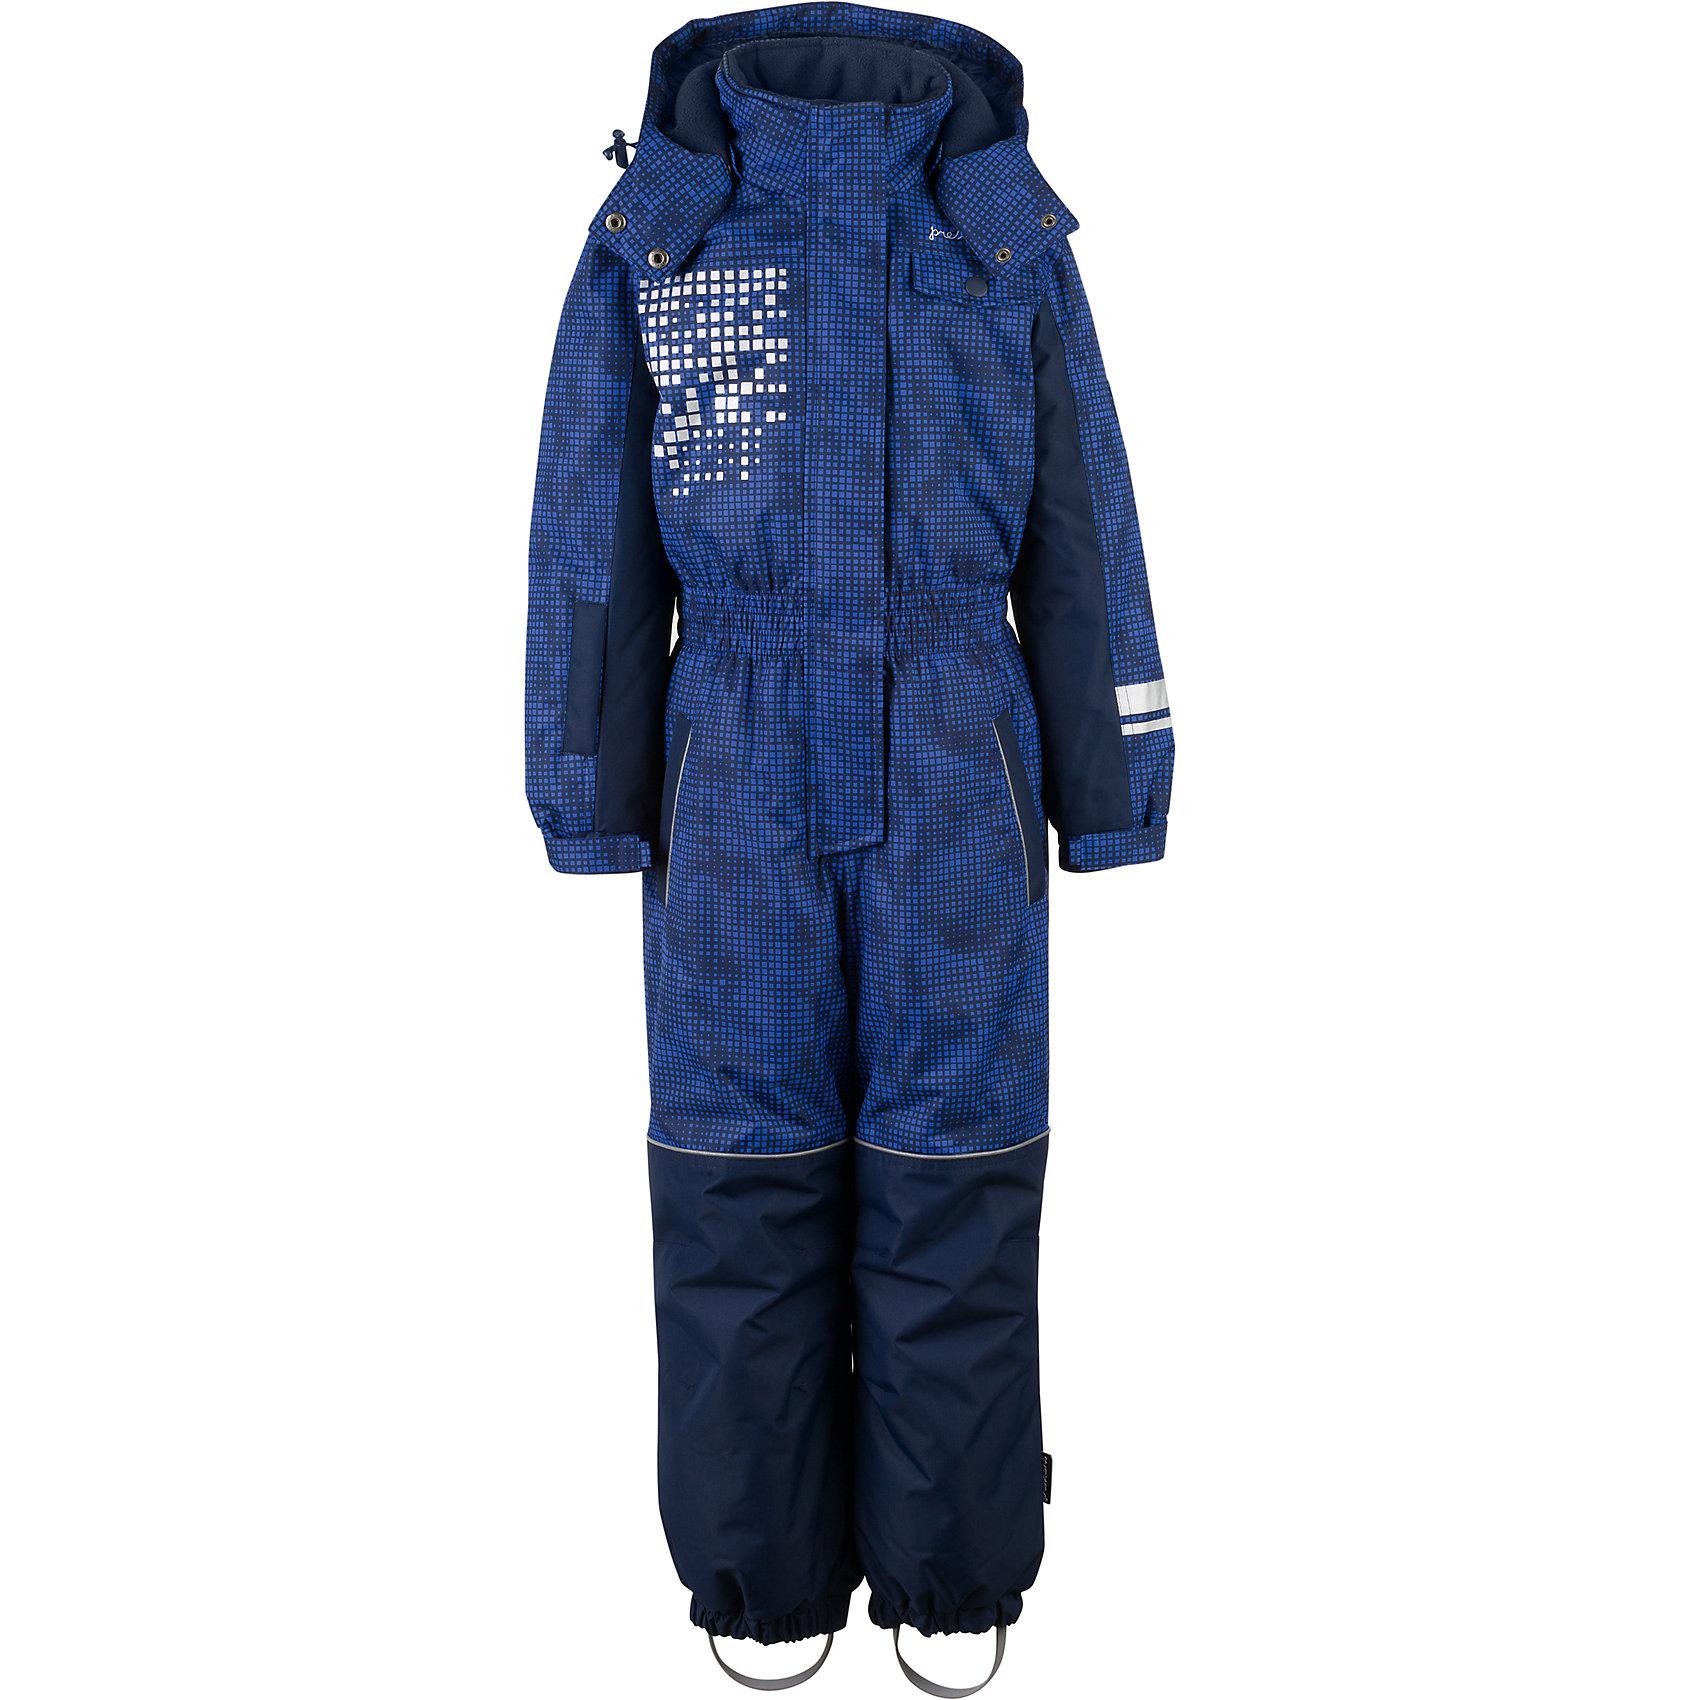 Комбинезон Premont для мальчикаВерхняя одежда<br>Характеристики товара:<br><br>• цвет: синий<br>• состав ткани: Taslan<br>• подкладка: Polar fleece, Taffeta<br>• утеплитель: Tech-polyfill<br>• сезон: зима<br>• мембранное покрытие<br>• температурный режим: от -30 до +5<br>• водонепроницаемость: 5000 мм <br>• паропроницаемость: 5000 г/м2<br>• плотность утеплителя: 280 г/м2<br>• капюшон: несъемный<br>• искусственный мех на капюшоне отстегивается<br>• застежка: молния<br>• страна бренда: Канада<br>• страна изготовитель: Китай<br><br>Практичный зимний детский комбинезон сделан с применением мембранной технологии. Мягкая подкладка комбинезона для детей делает его очень комфортным. Зимний комбинезон для ребенка снабжен мягкими манжетами. Детский теплый комбинезон дополнен удобным капюшоном, планкой от ветра и карманами на липучках. <br><br>Комбинезон для мальчика Premont (Премонт) можно купить в нашем интернет-магазине.<br><br>Ширина мм: 356<br>Глубина мм: 10<br>Высота мм: 245<br>Вес г: 519<br>Цвет: синий<br>Возраст от месяцев: 84<br>Возраст до месяцев: 96<br>Пол: Мужской<br>Возраст: Детский<br>Размер: 128,92,98,104,110,116,122<br>SKU: 7088327